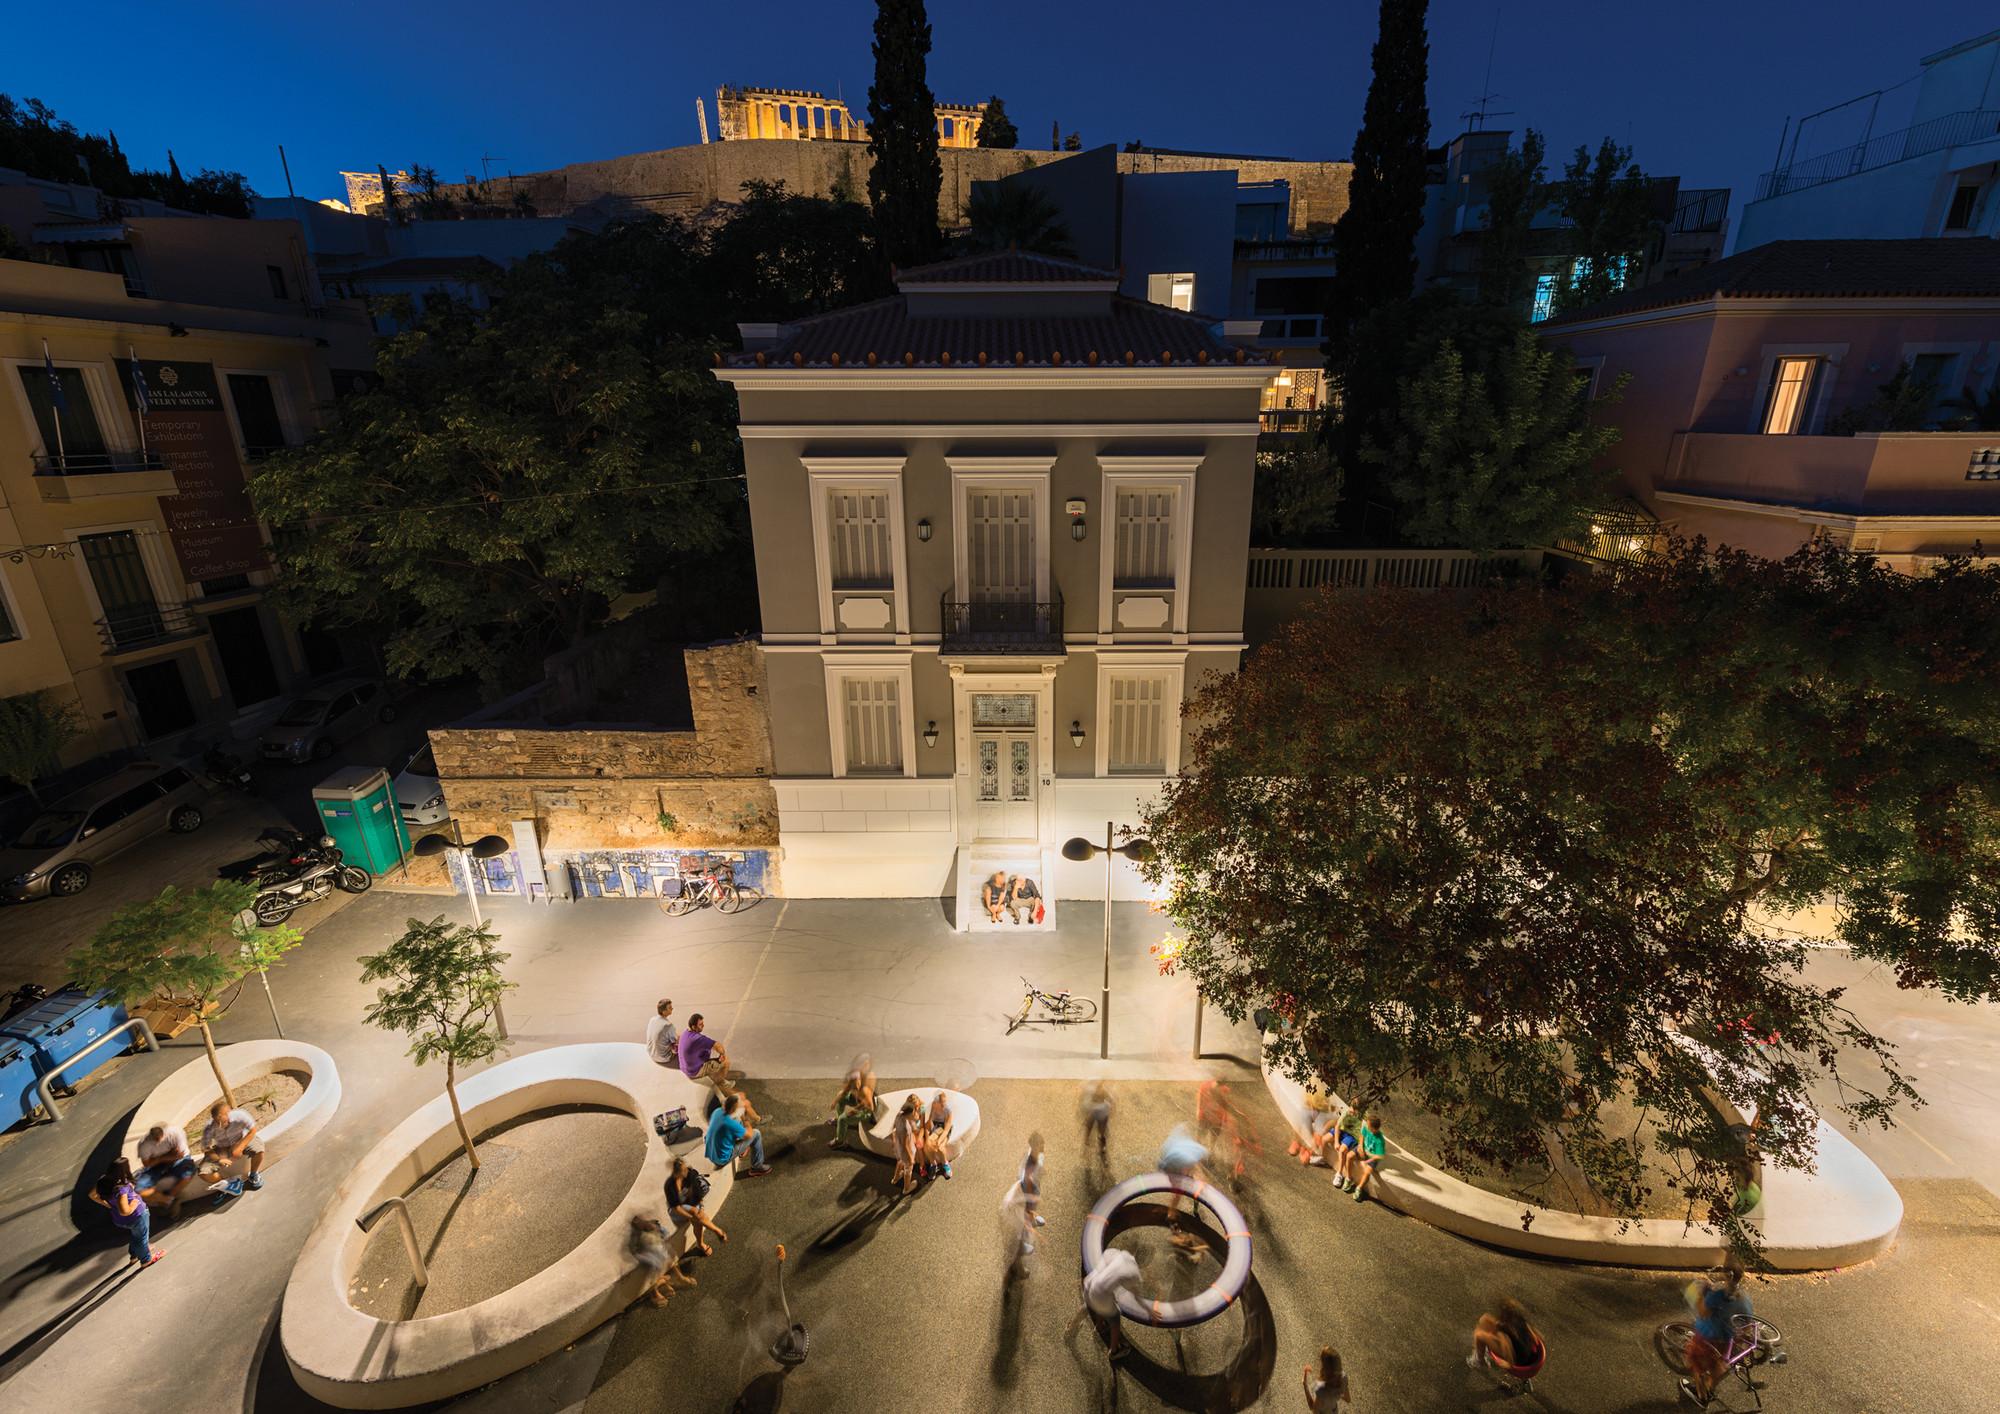 Pxathens - Six Thresholds / Buerger Katsota Architects, © Yiorgis Yerolymbos